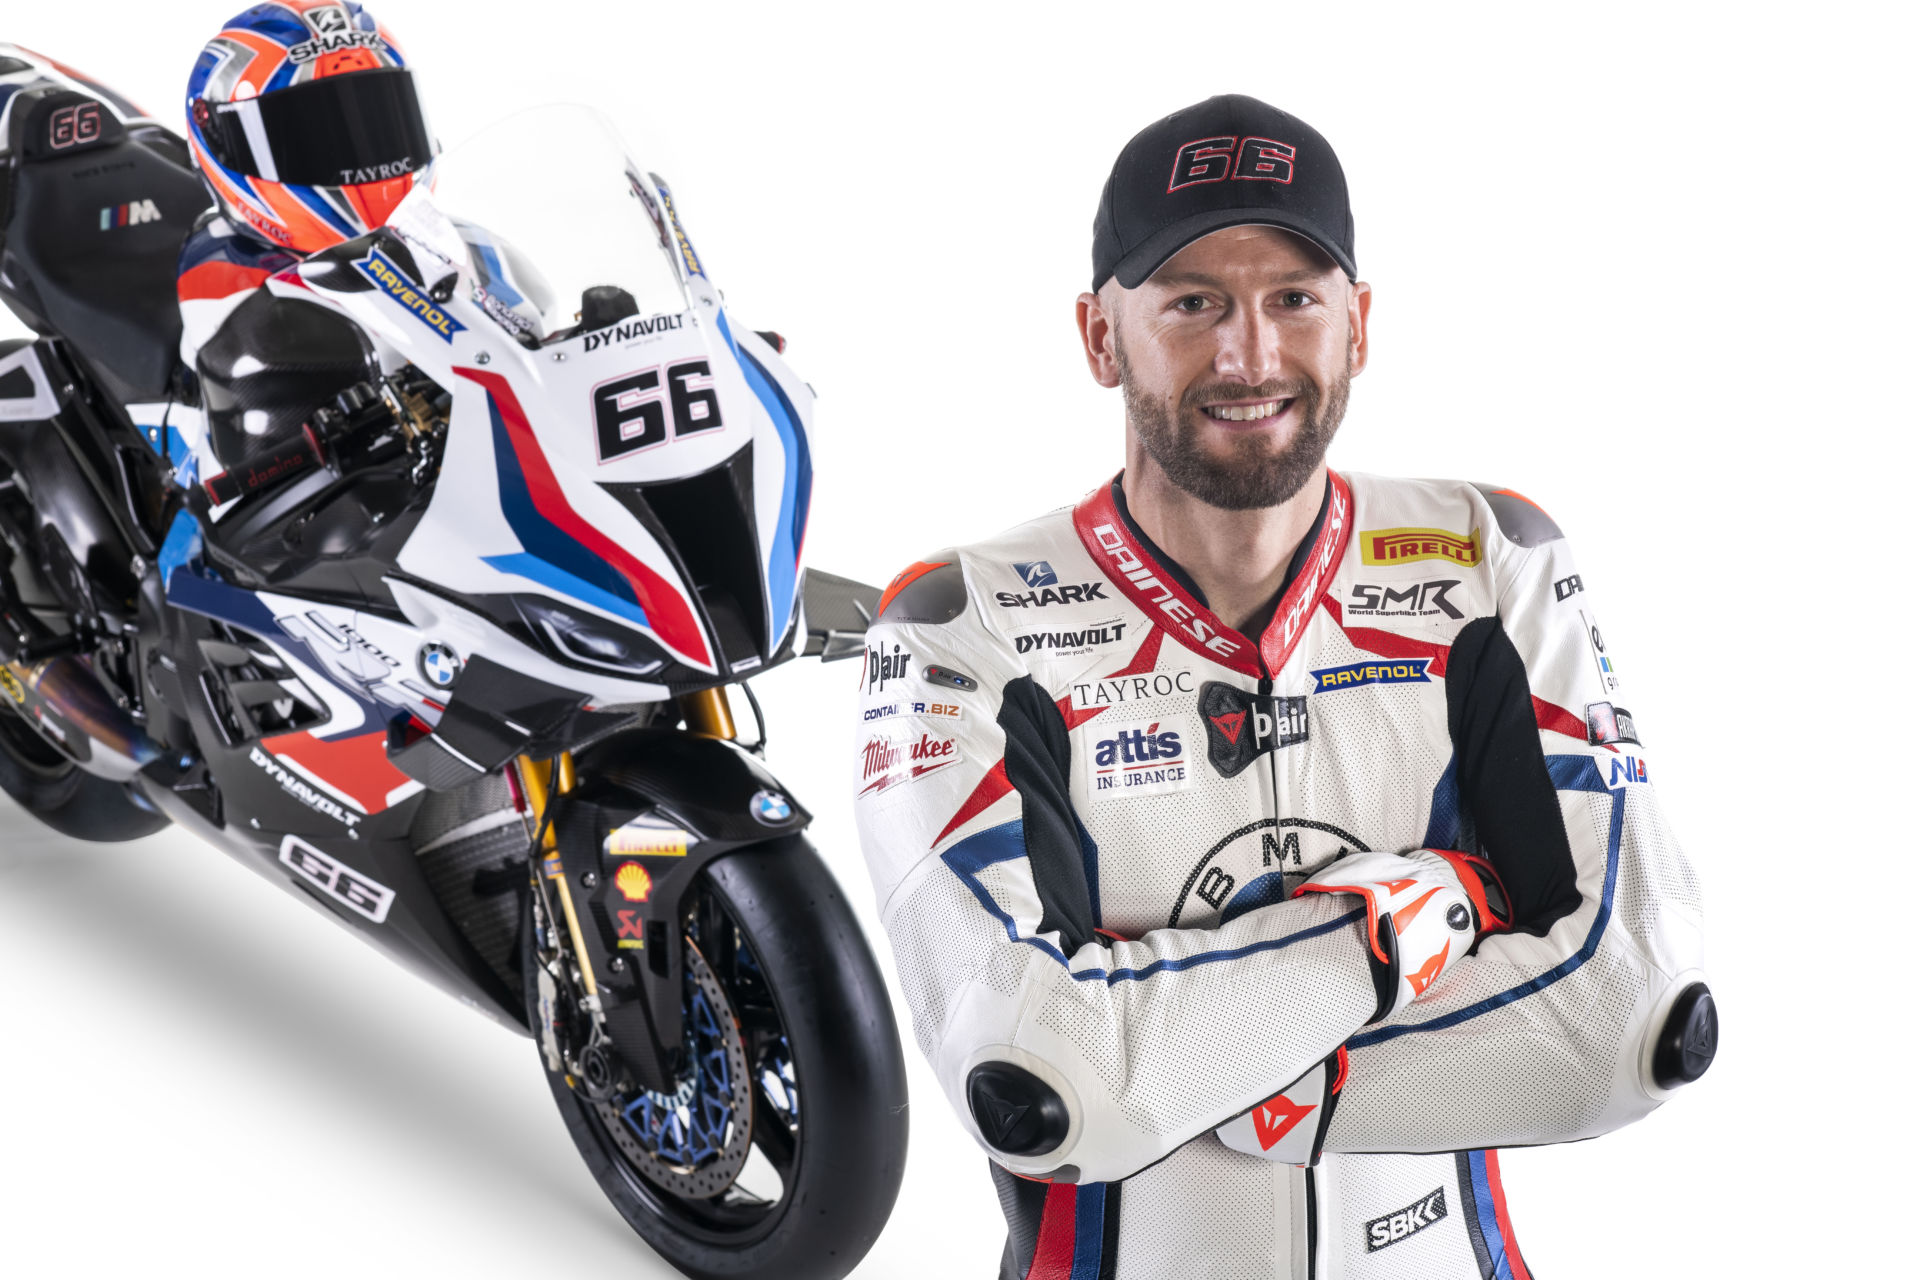 Tom Sykes. Photo courtesy BMW Motorrad Motorsport.